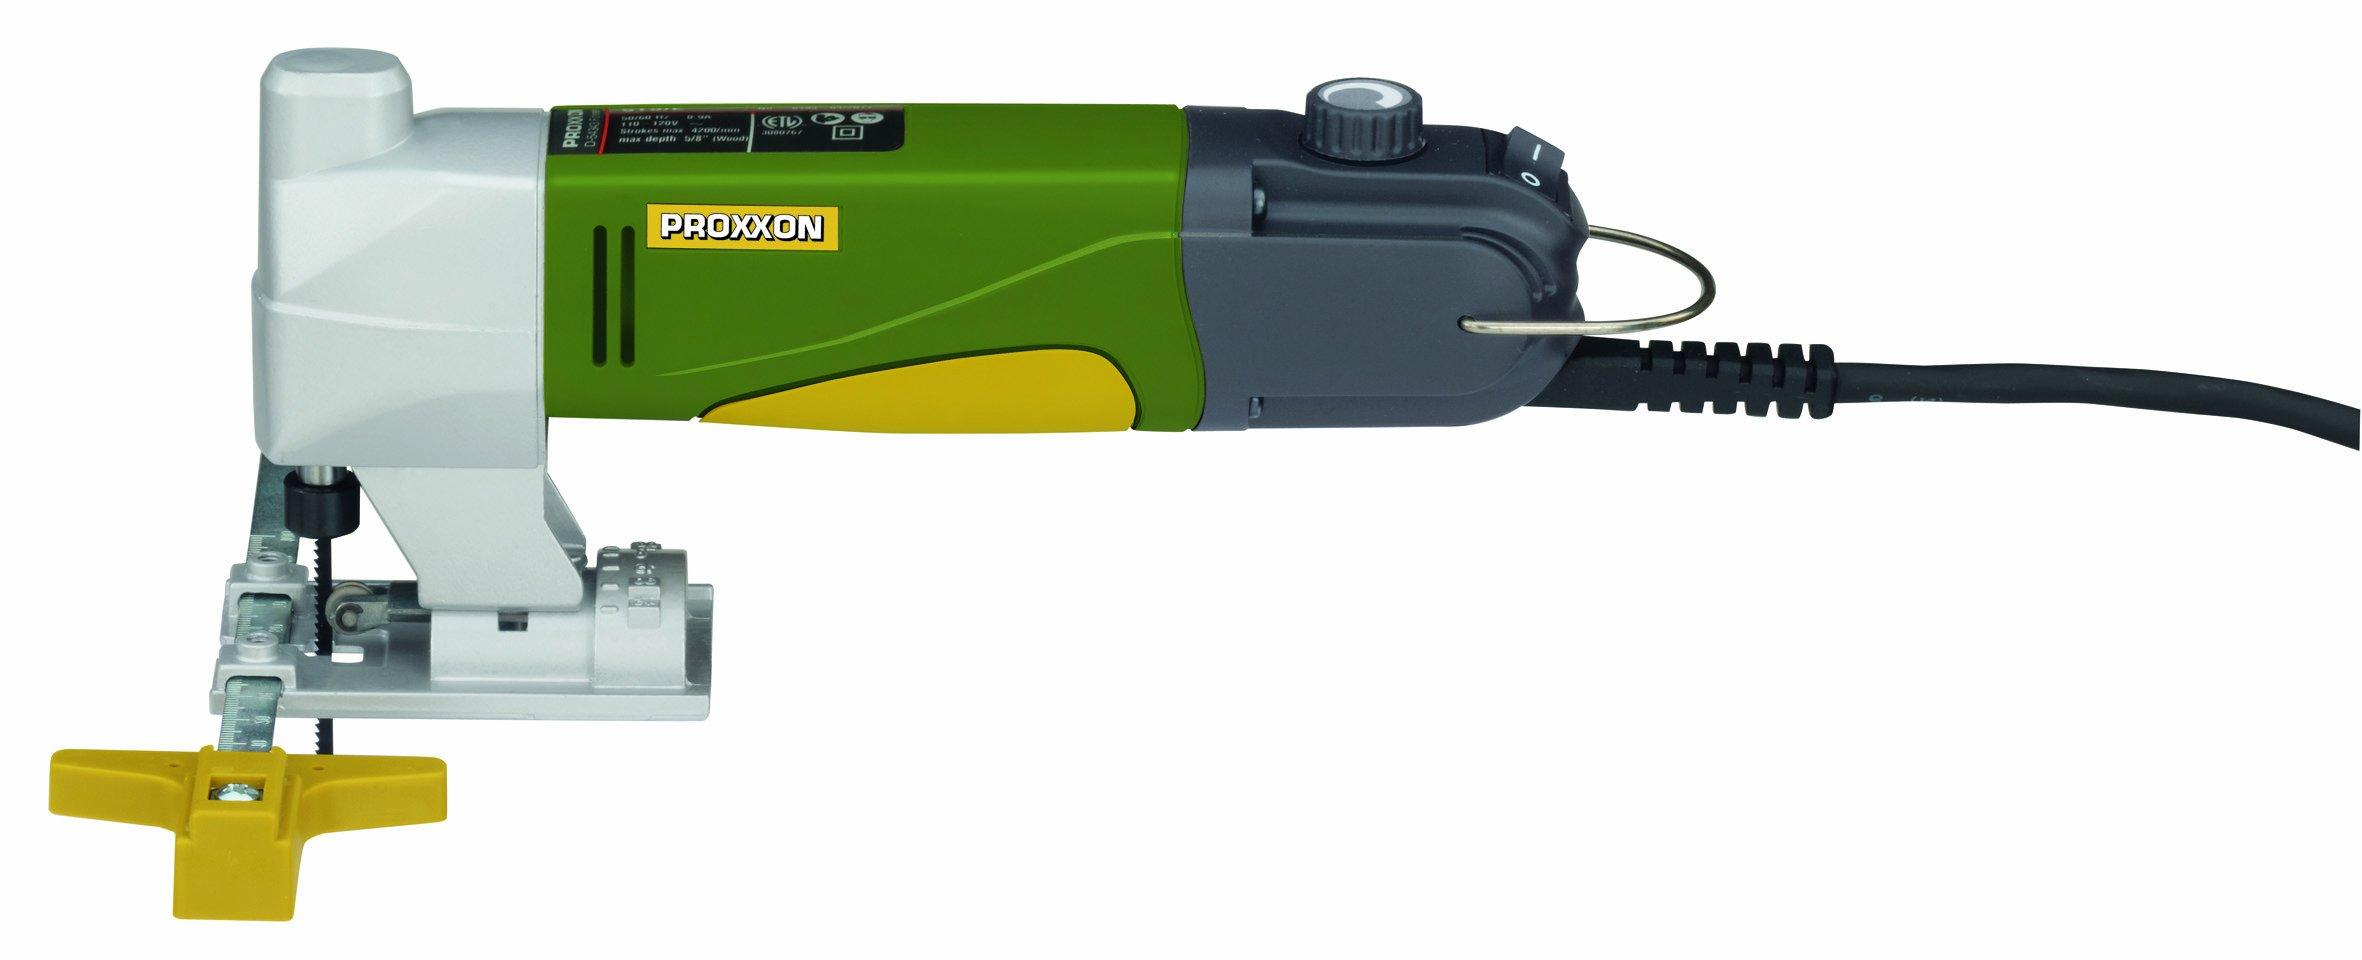 Proxxon 38530 Super Jig Saw STS/E by Proxxon